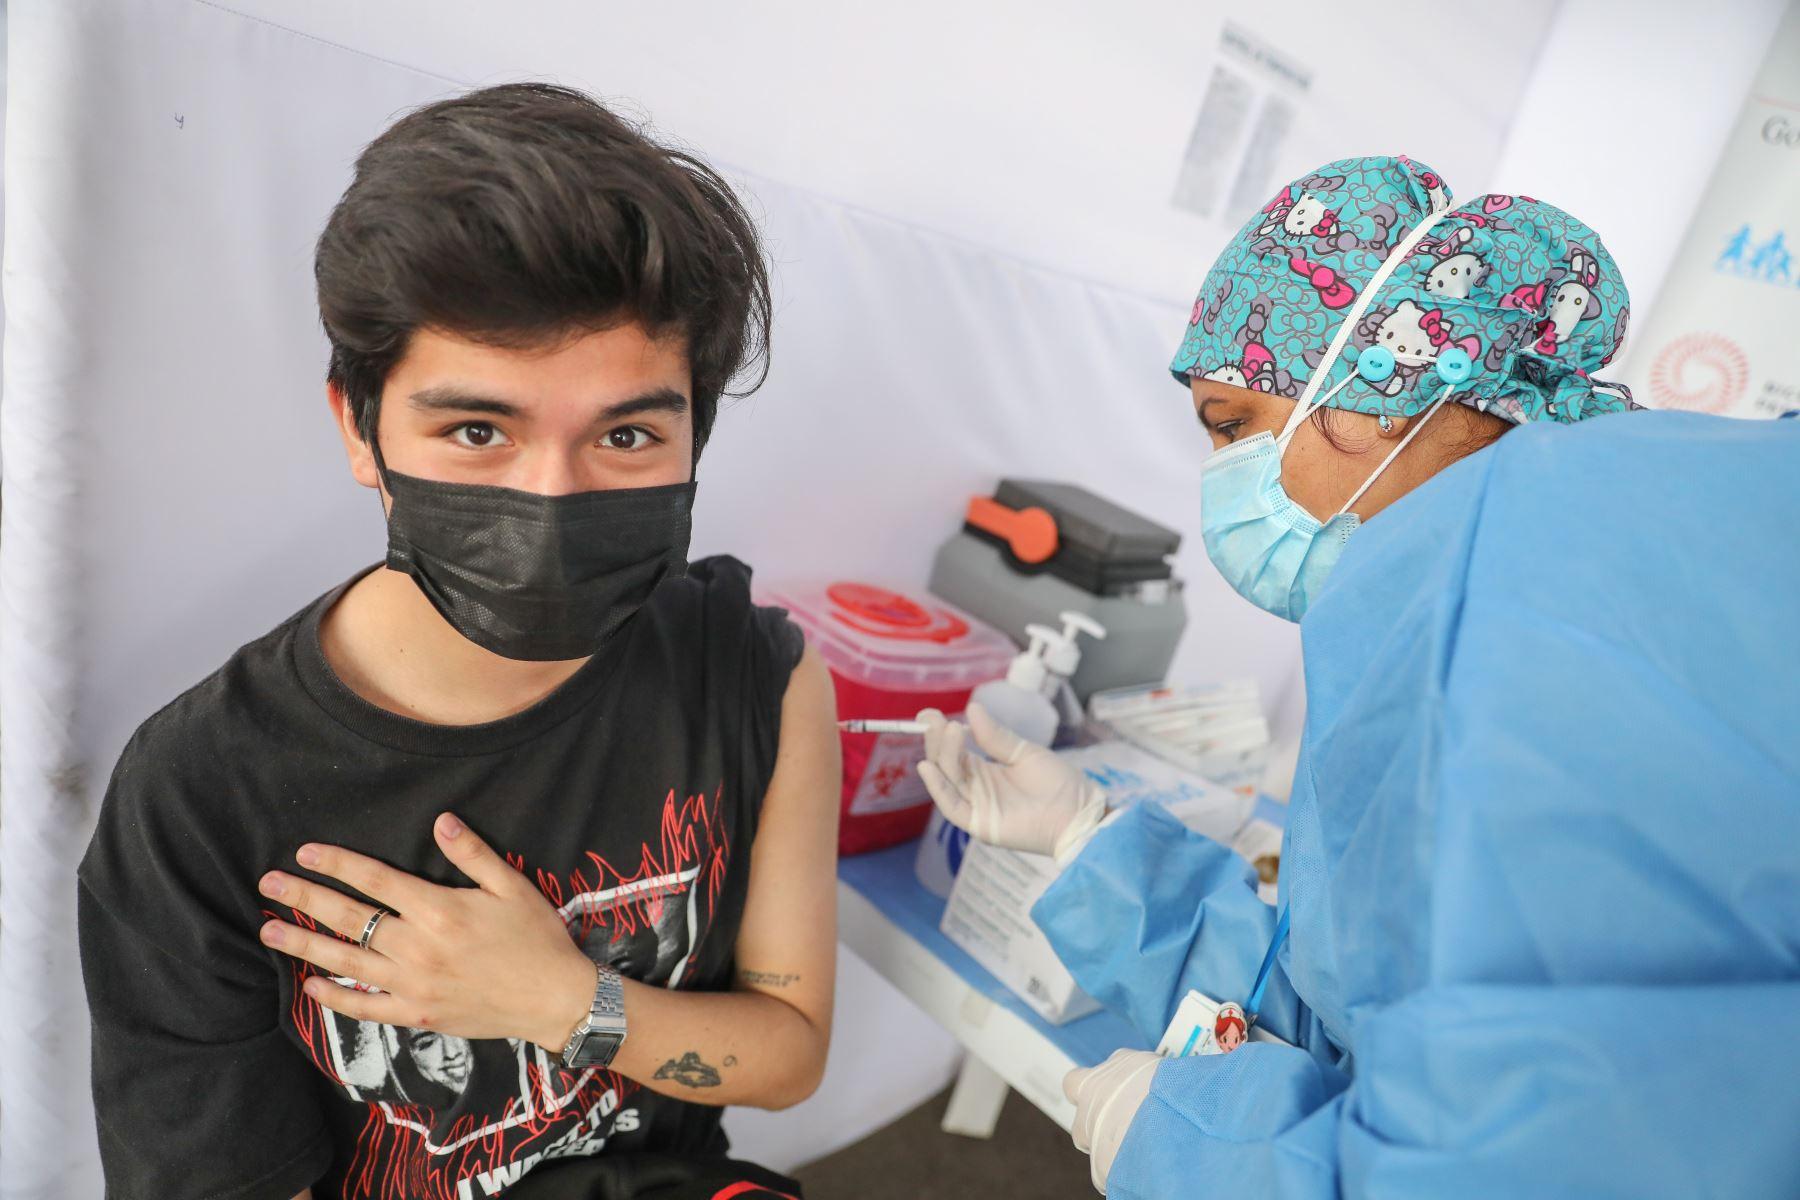 Hoy inicia la vacunación contra la covid 19 a personas de 21 y 22 años en Lima y Callao, en el  centro de vacunación del Parque de las Leyendas en el distrito de San Miguel. Foto: ANDINA/Andrés Valle